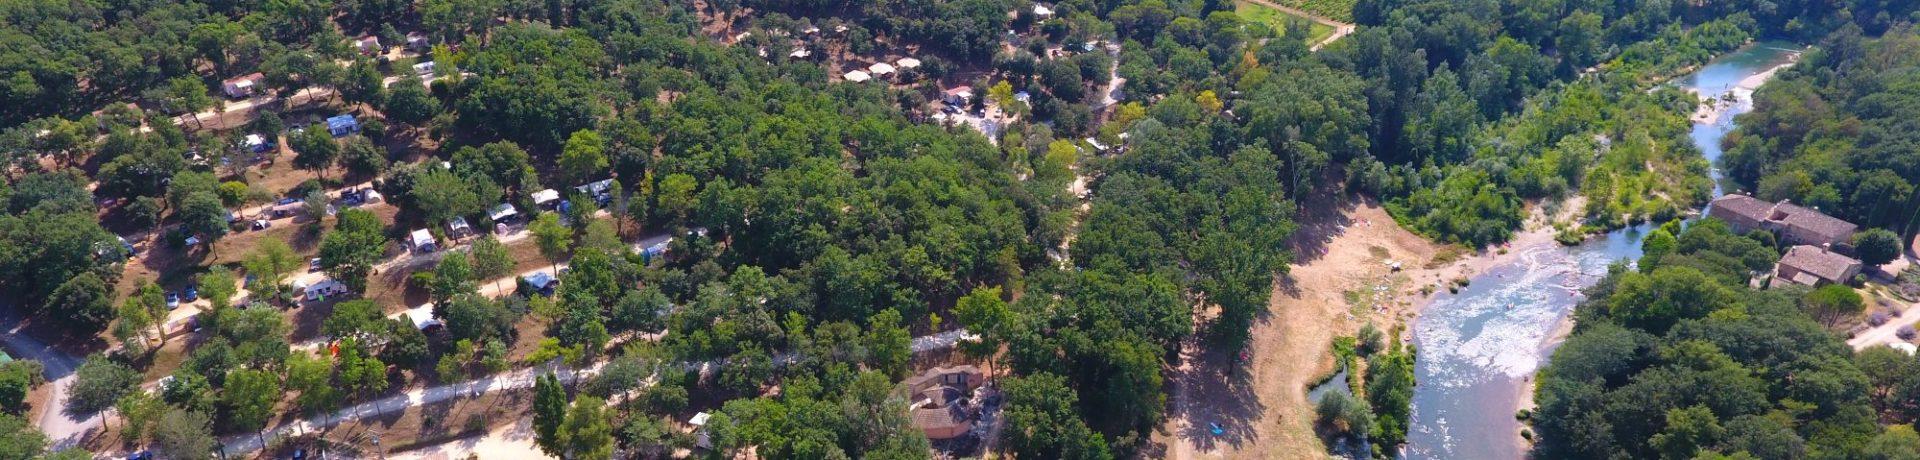 Gemoedelijke, kindvriendelijke 5 sterren camping met zwembad in Zuid-Frankrijk, verscholen op een uniek domein van 36 hectare.